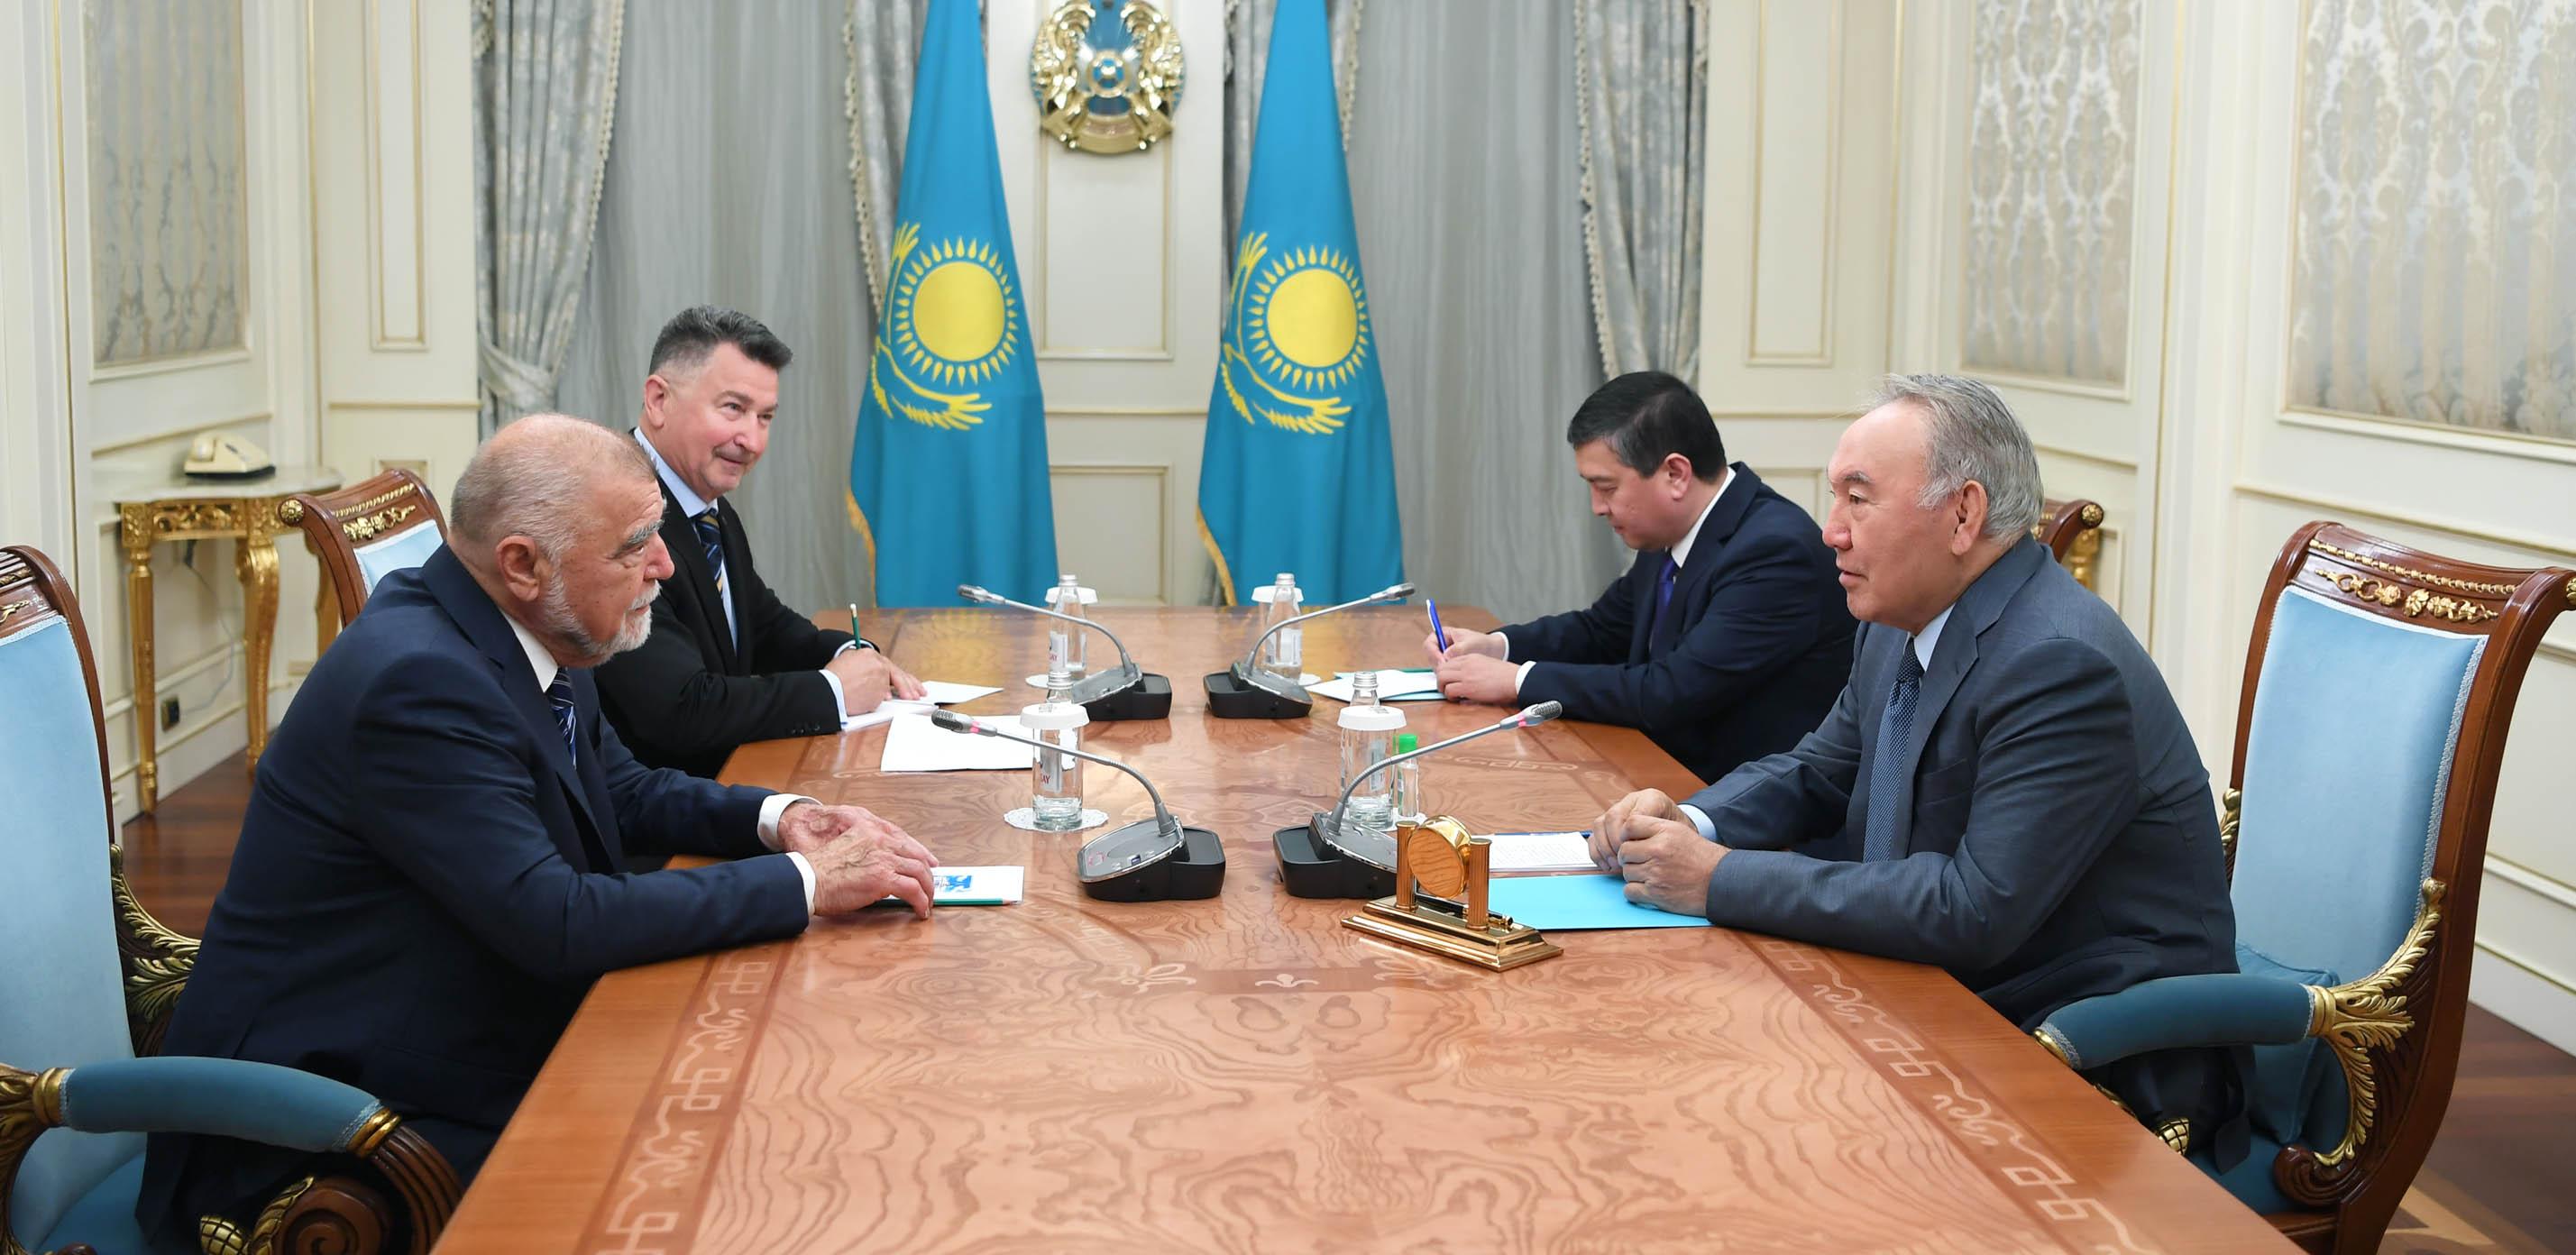 Нурсултан Назарбаев встретился с экс-президентом Хорватии